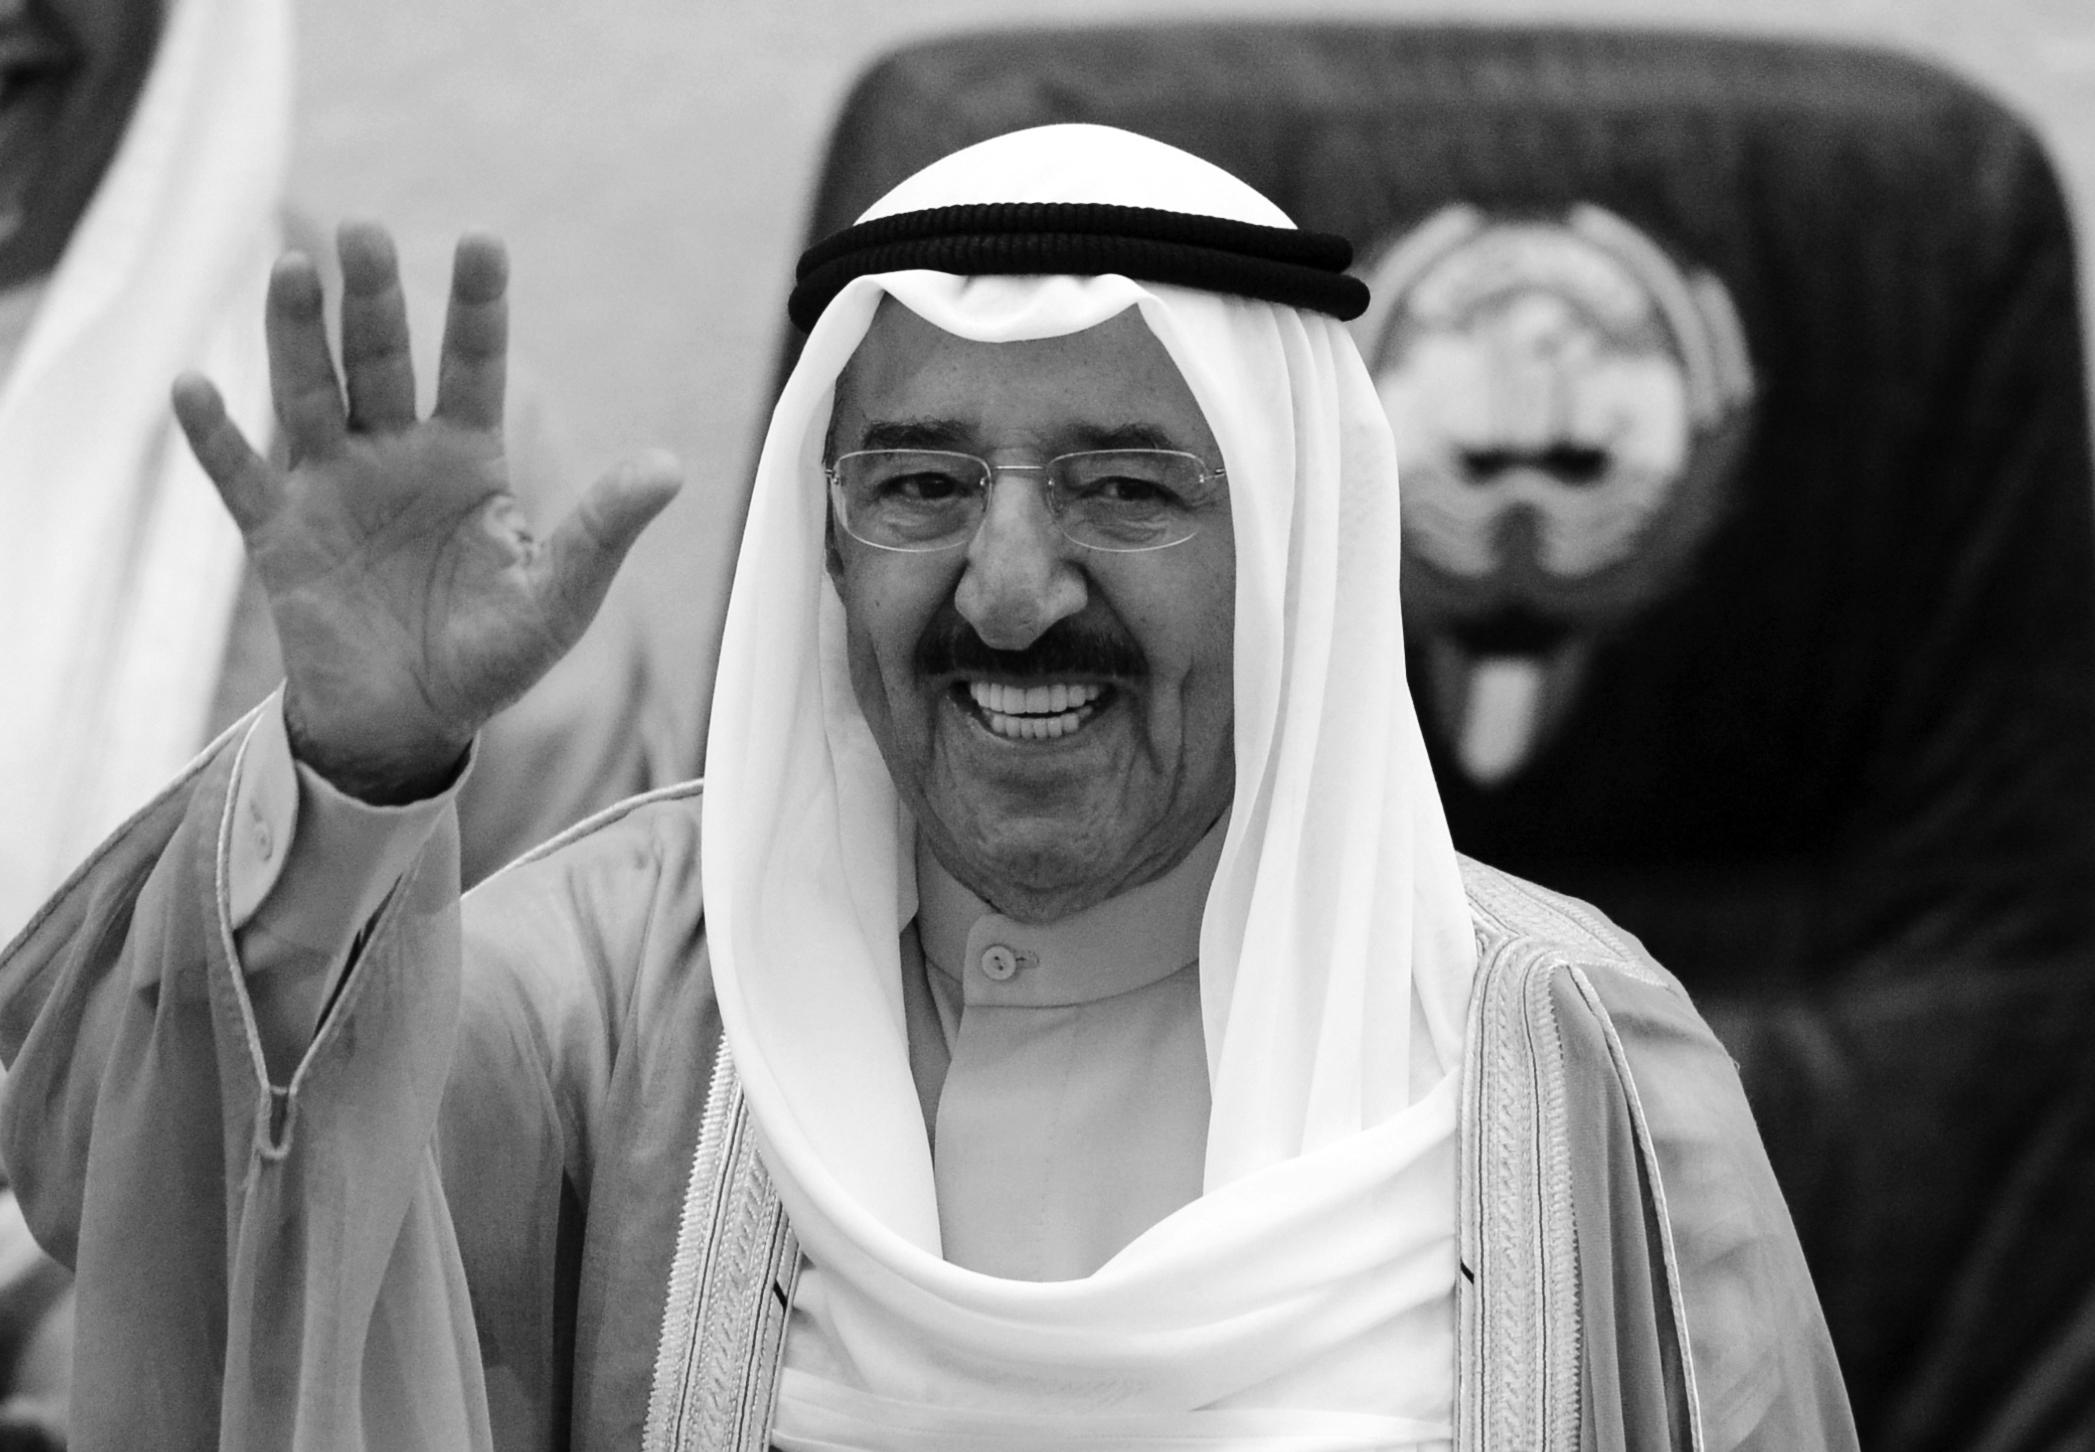 ٢٠٢١٠٩٢٨ ١٣٣٢٢٨ - في الذكرى الأولى لوفاته..الأمير الراحل #الشيخ_صباح_الأحمد_الجابر_الصباح باق في قلوب الكويتيين وسجل العظماء #العبدلي_نيوز